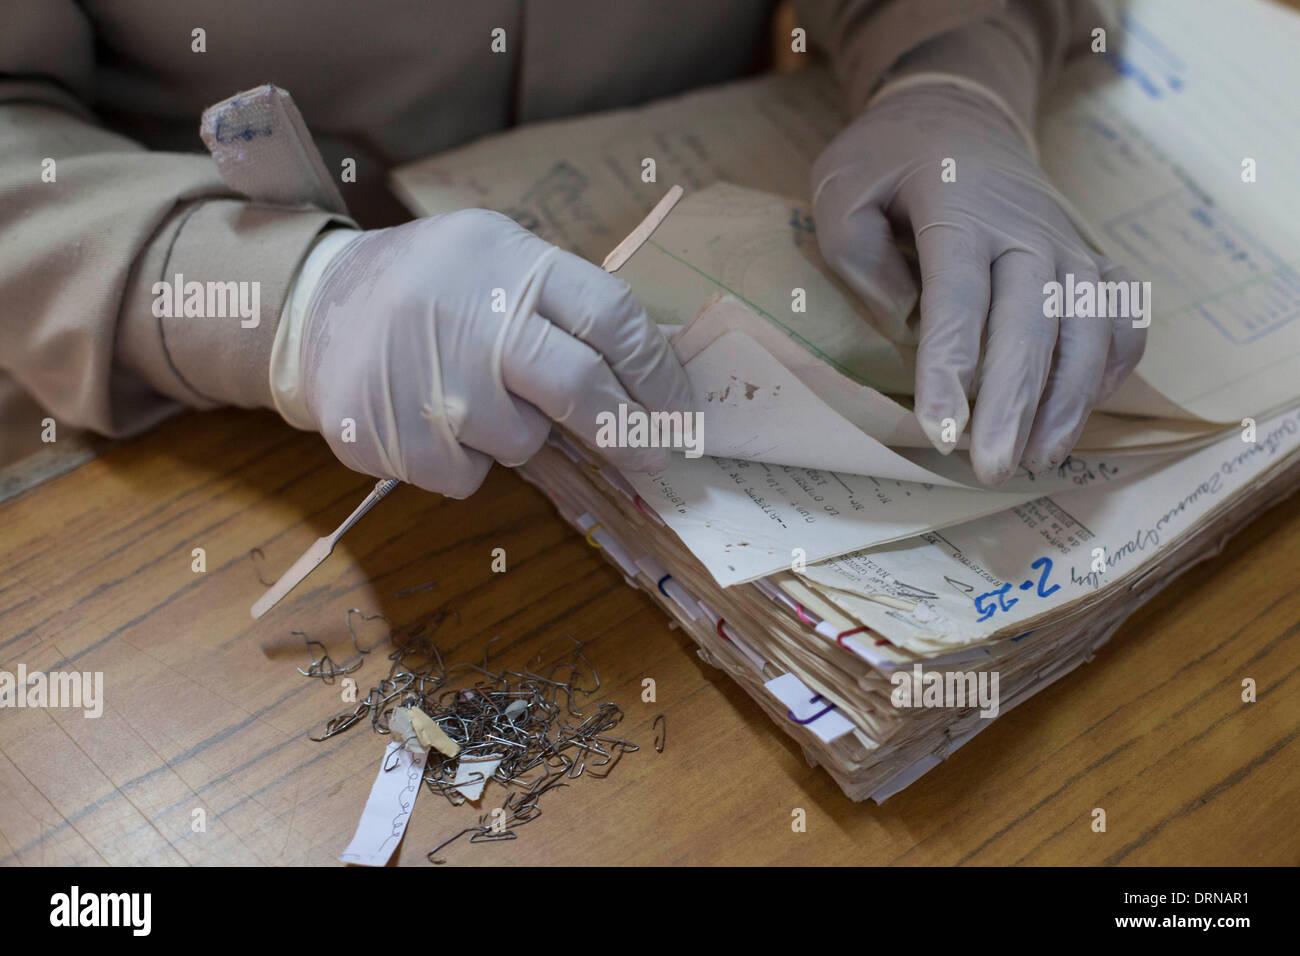 (140130) -- Città del Guatemala, Gennaio 30, 2014 (Xinhua) -- Un lavoratore controlla i documenti presso l'Archivio Storico della polizia nazionale (AHPN, per il suo acronimo in spagnolo), a Città del Guatemala, capitale del Guatemala, il 29 gennaio, 2014. Il AHPN è stato trovato per caso su 2005 in un vecchio deposito di esplosivi della nazionale di deposito civile (PNC). L'archivio possiede circa 80 milioni di fogli che coprono un intervallo di date da 1881 a 1997, quando la polizia nazionale ha cessato di esistere e il PNC è venuto a essere. I documenti hanno rivelato il modo in cui la polizia nazionale ha operato durante il conflitto armato in Guatemala (1960-199 Immagini Stock